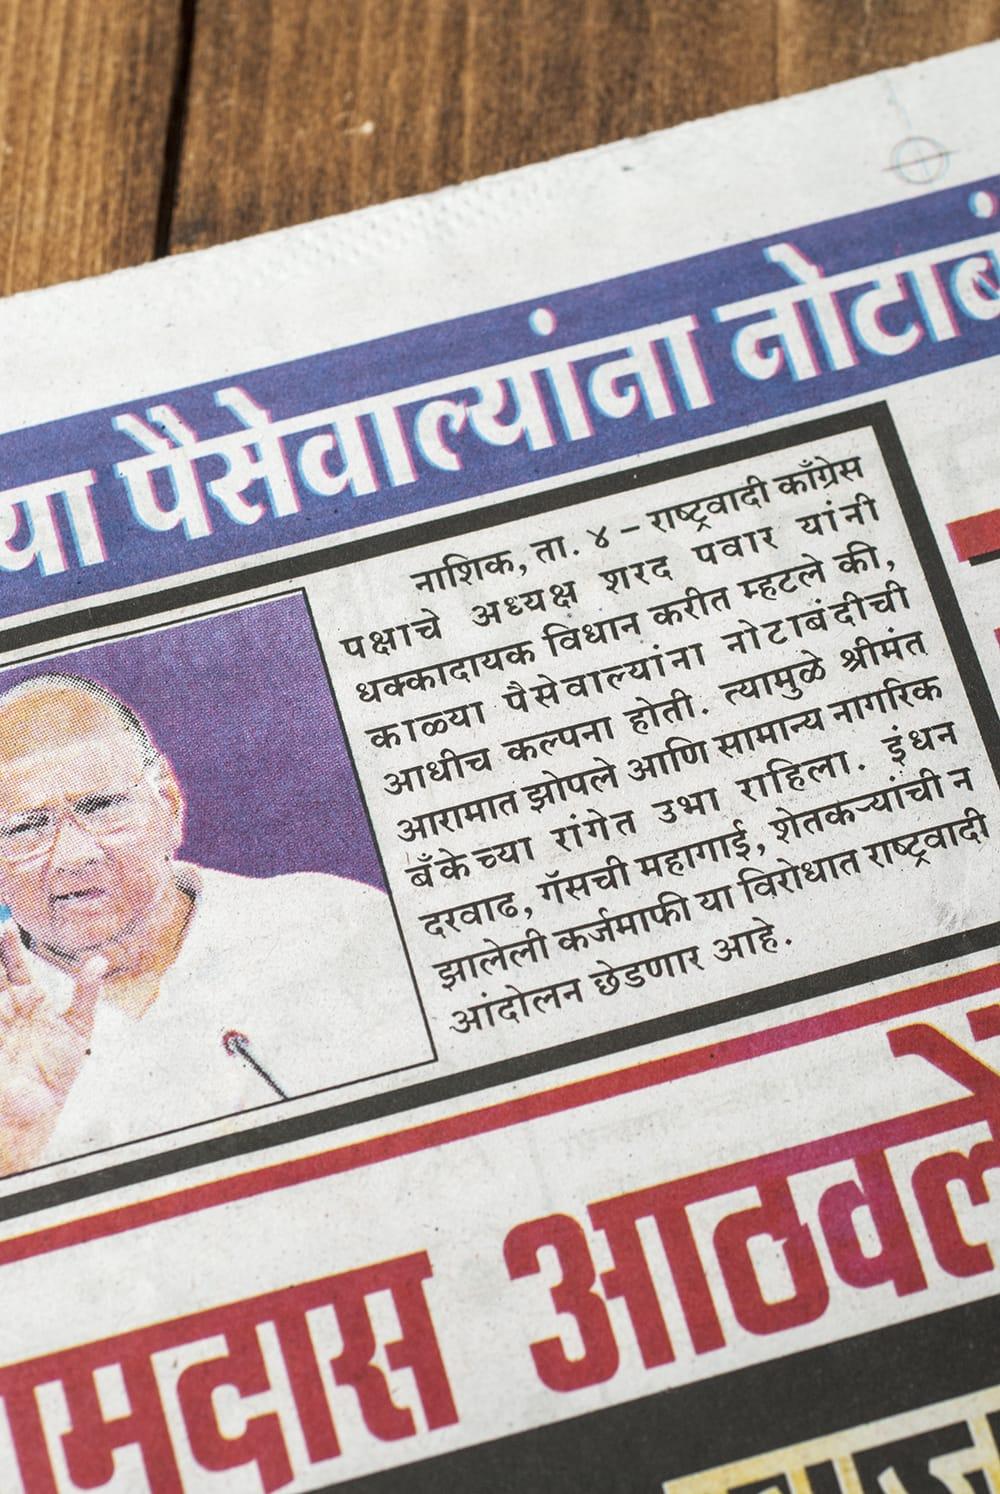 インド・ネパールの古新聞【1部】 6 - アソートでのお届けとなります。